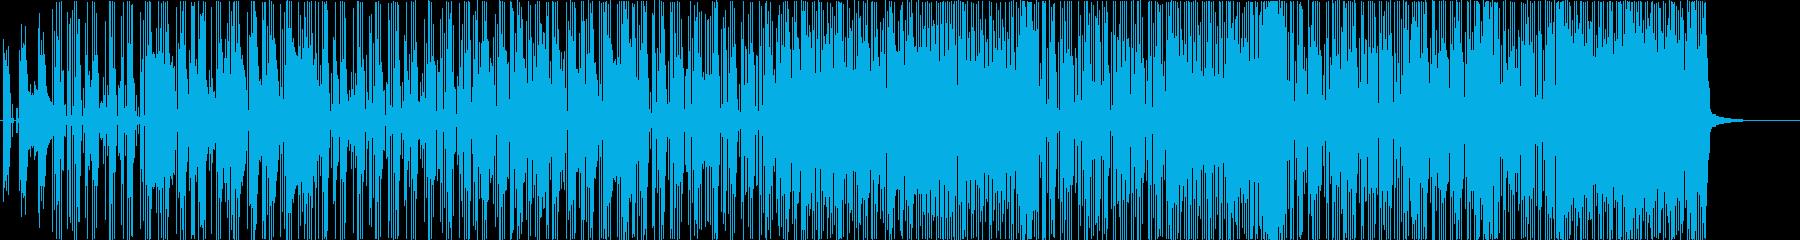 クロールの再生済みの波形